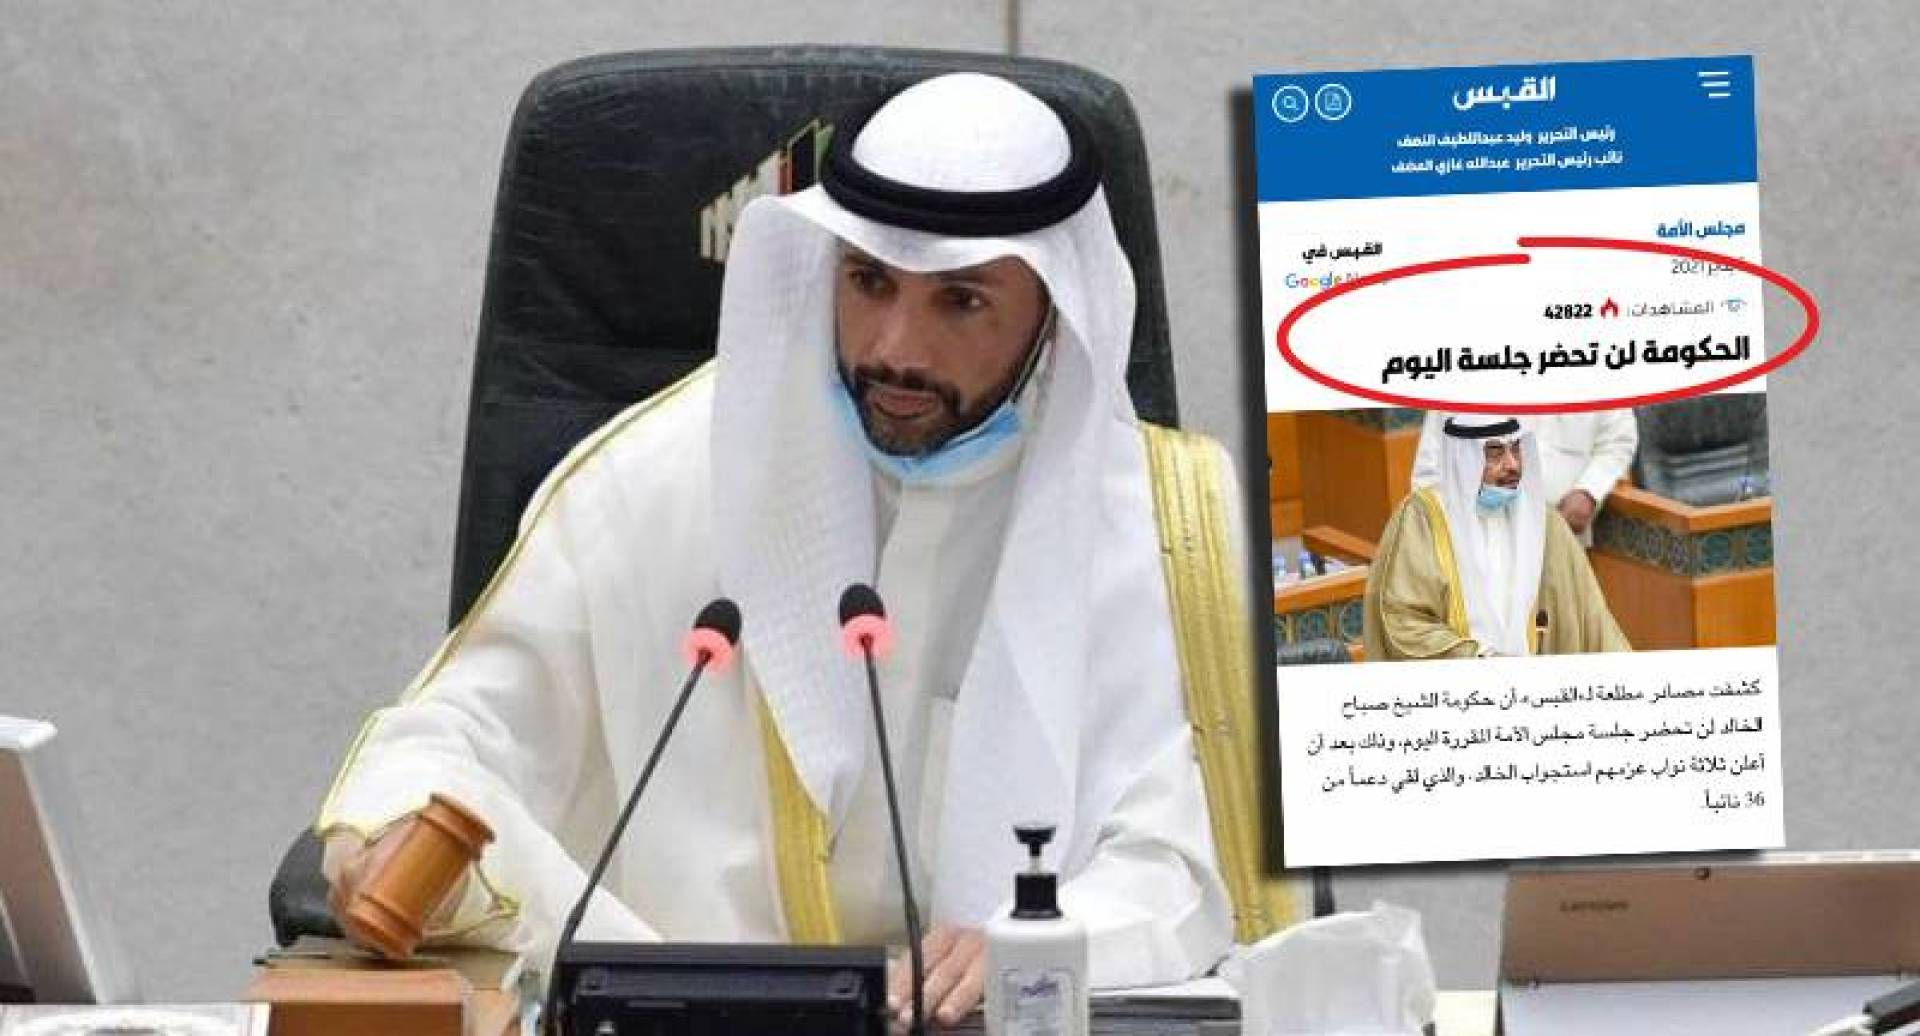 تأكيداً لما نشرته «القبس».. الحكومة لم تحضر جلسة اليوم